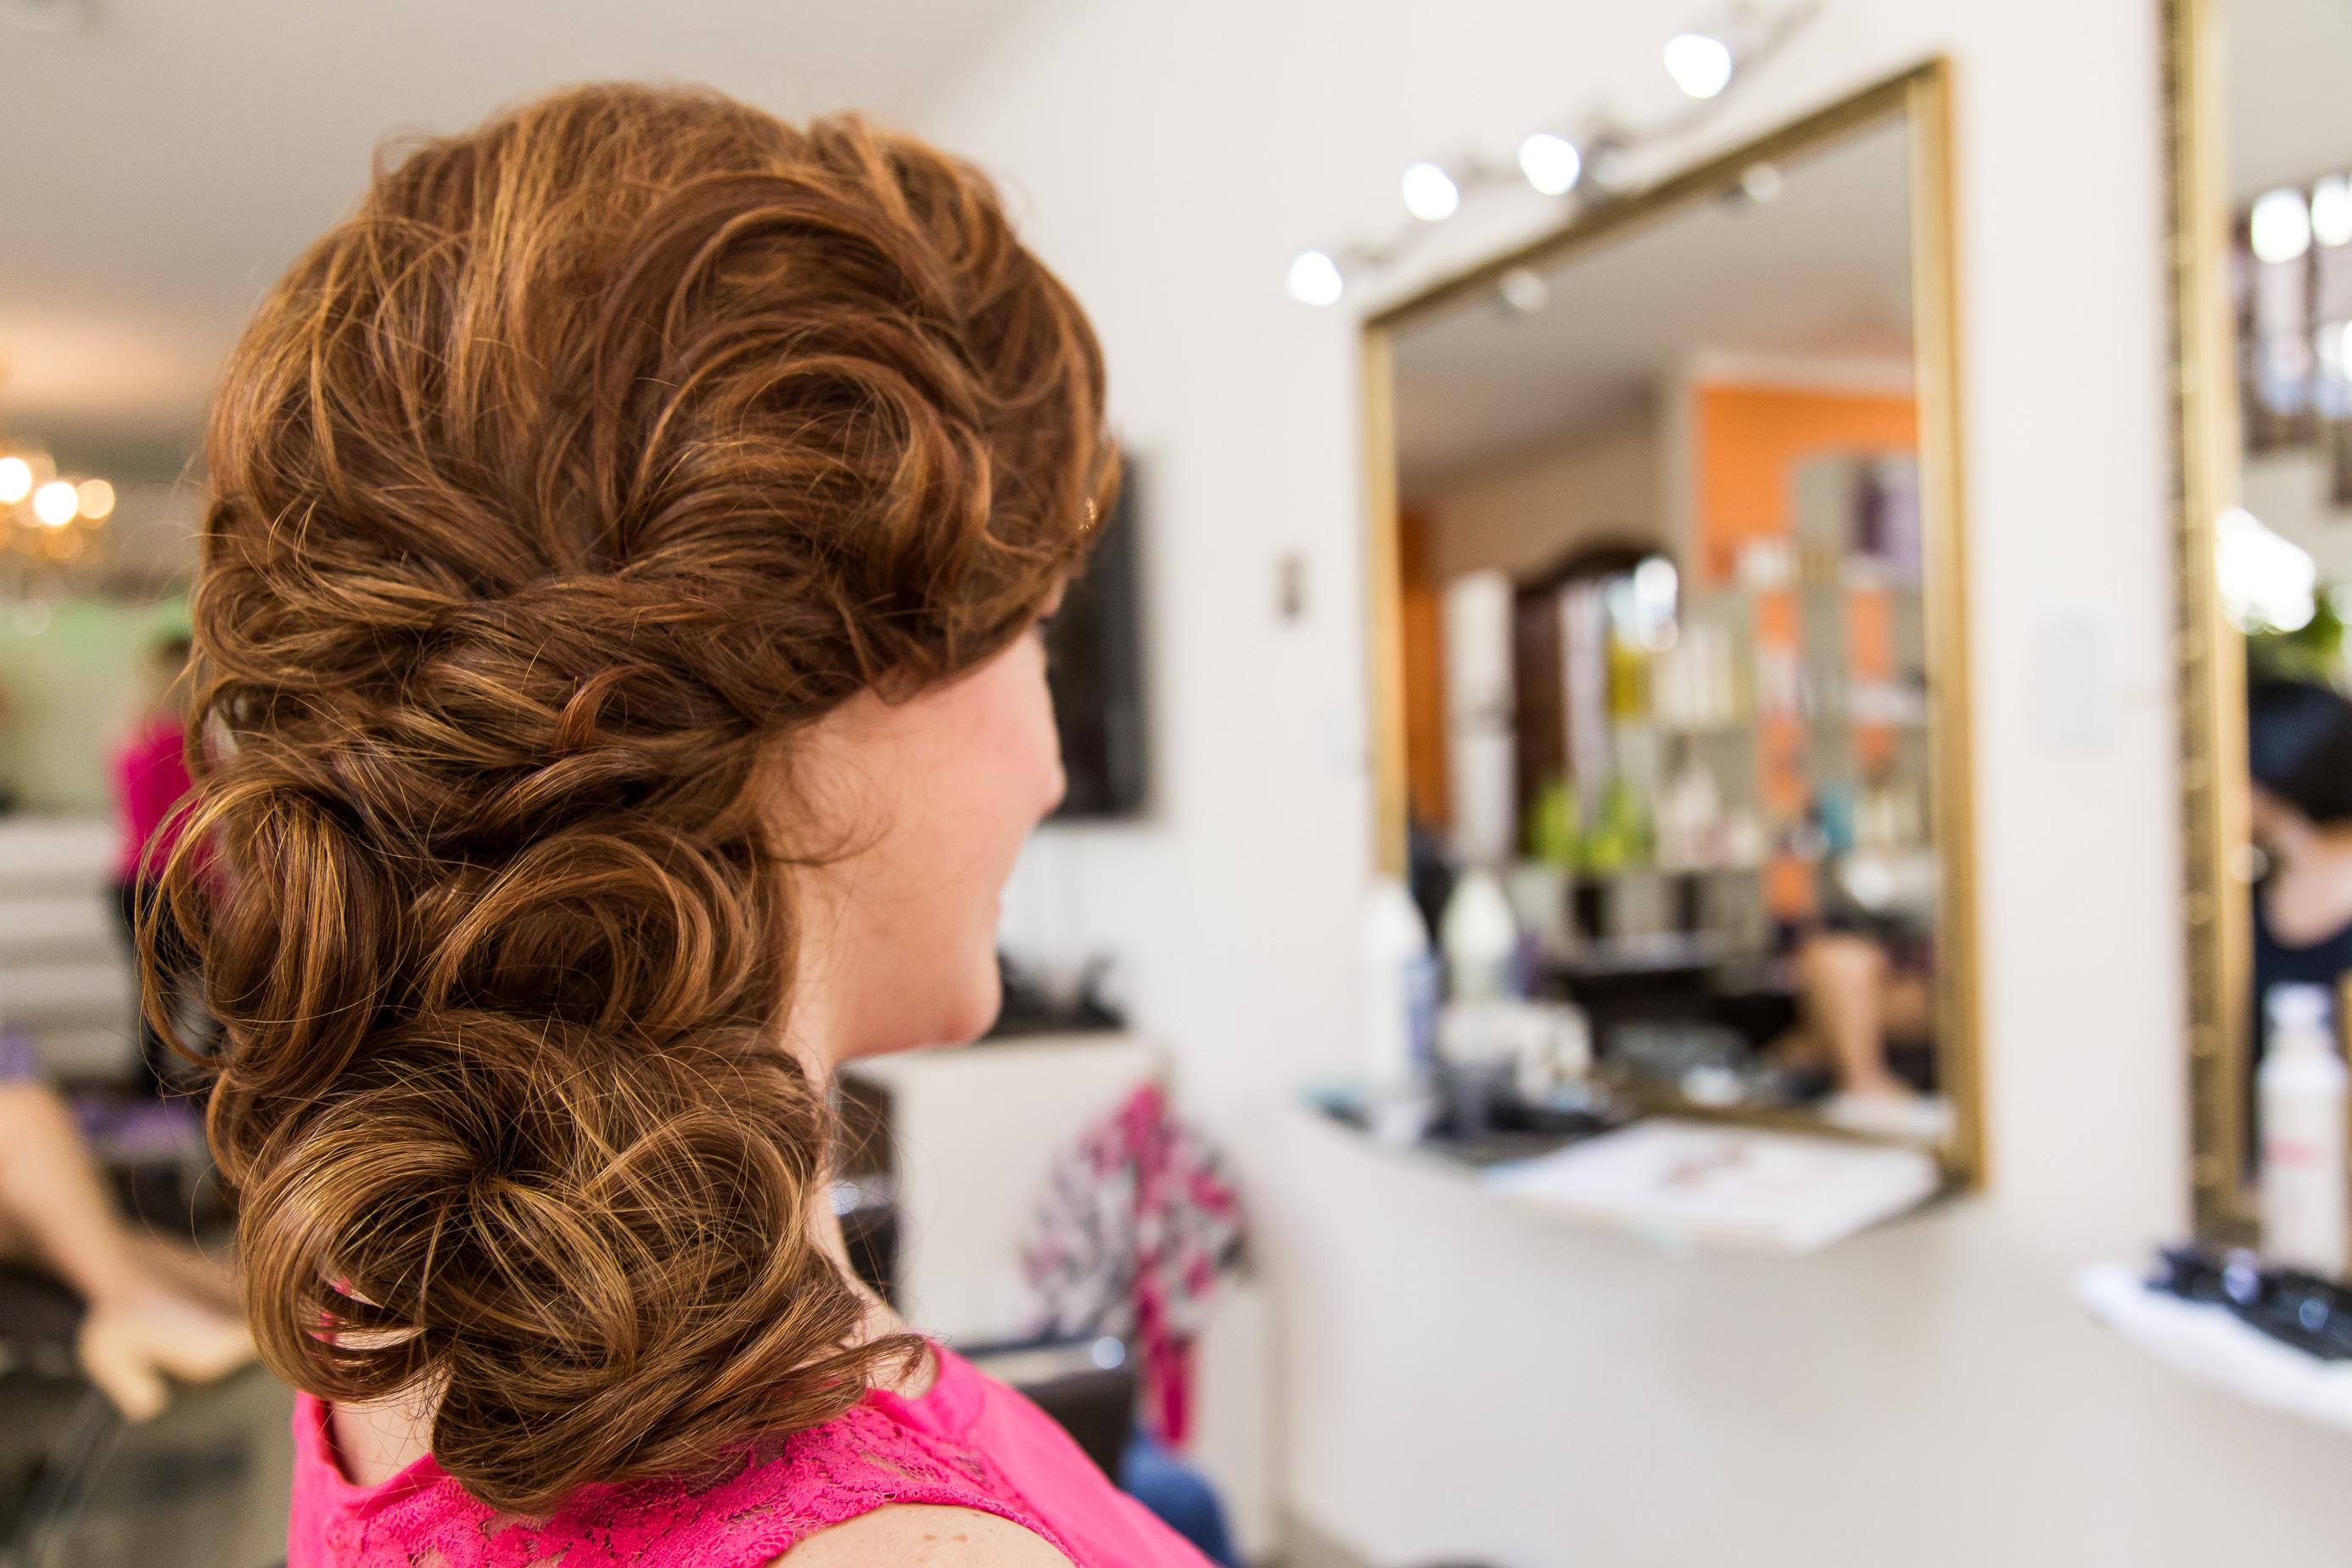 cabeleireiro(a) empresário(a) / dono de negócio maquiador(a)